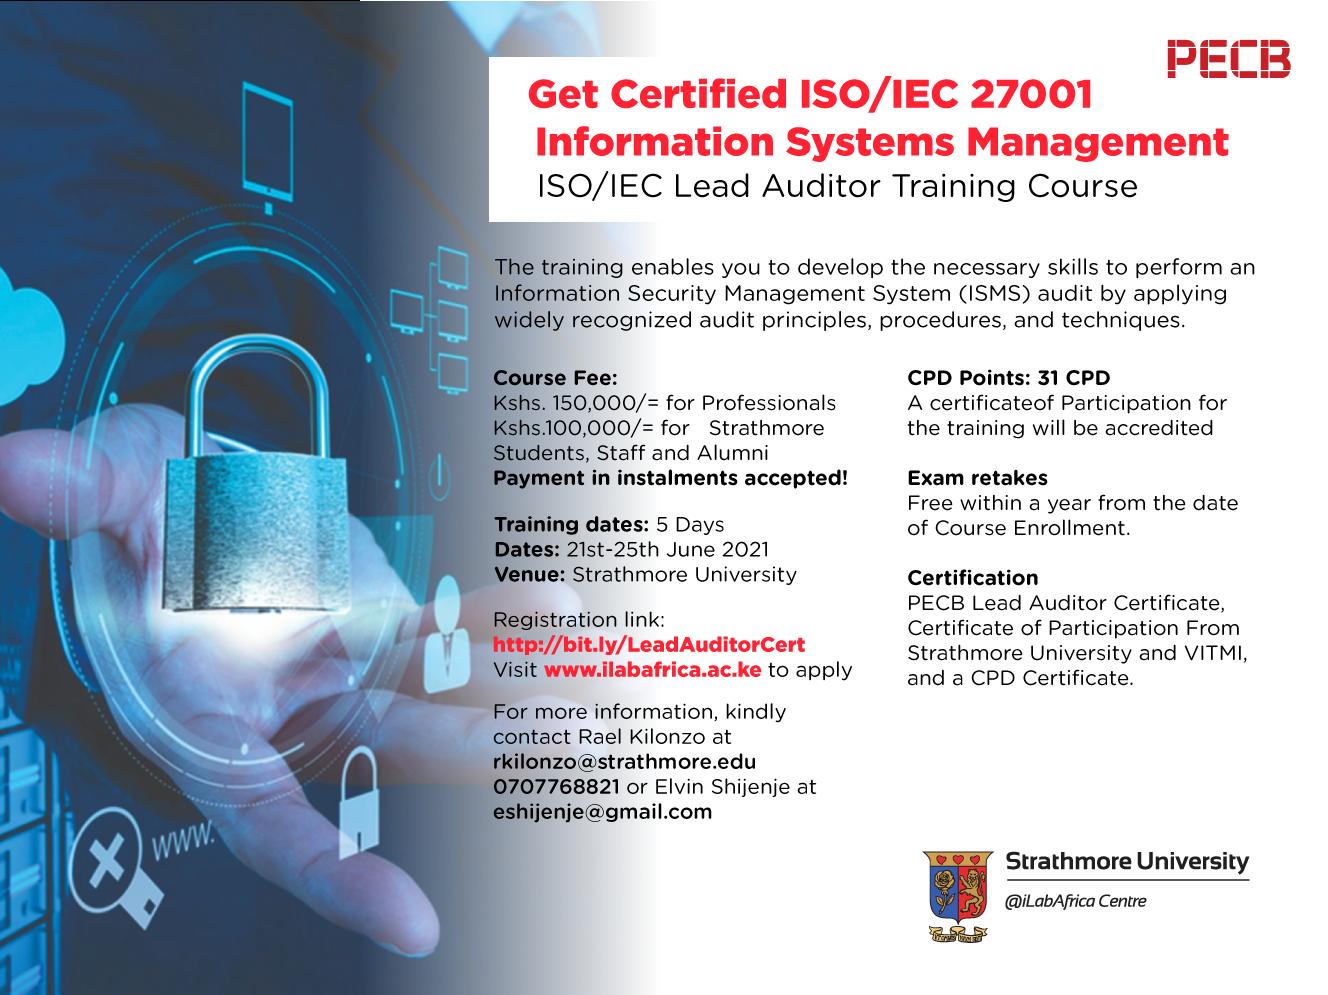 Get-certified-ISO-IEC-27001-1